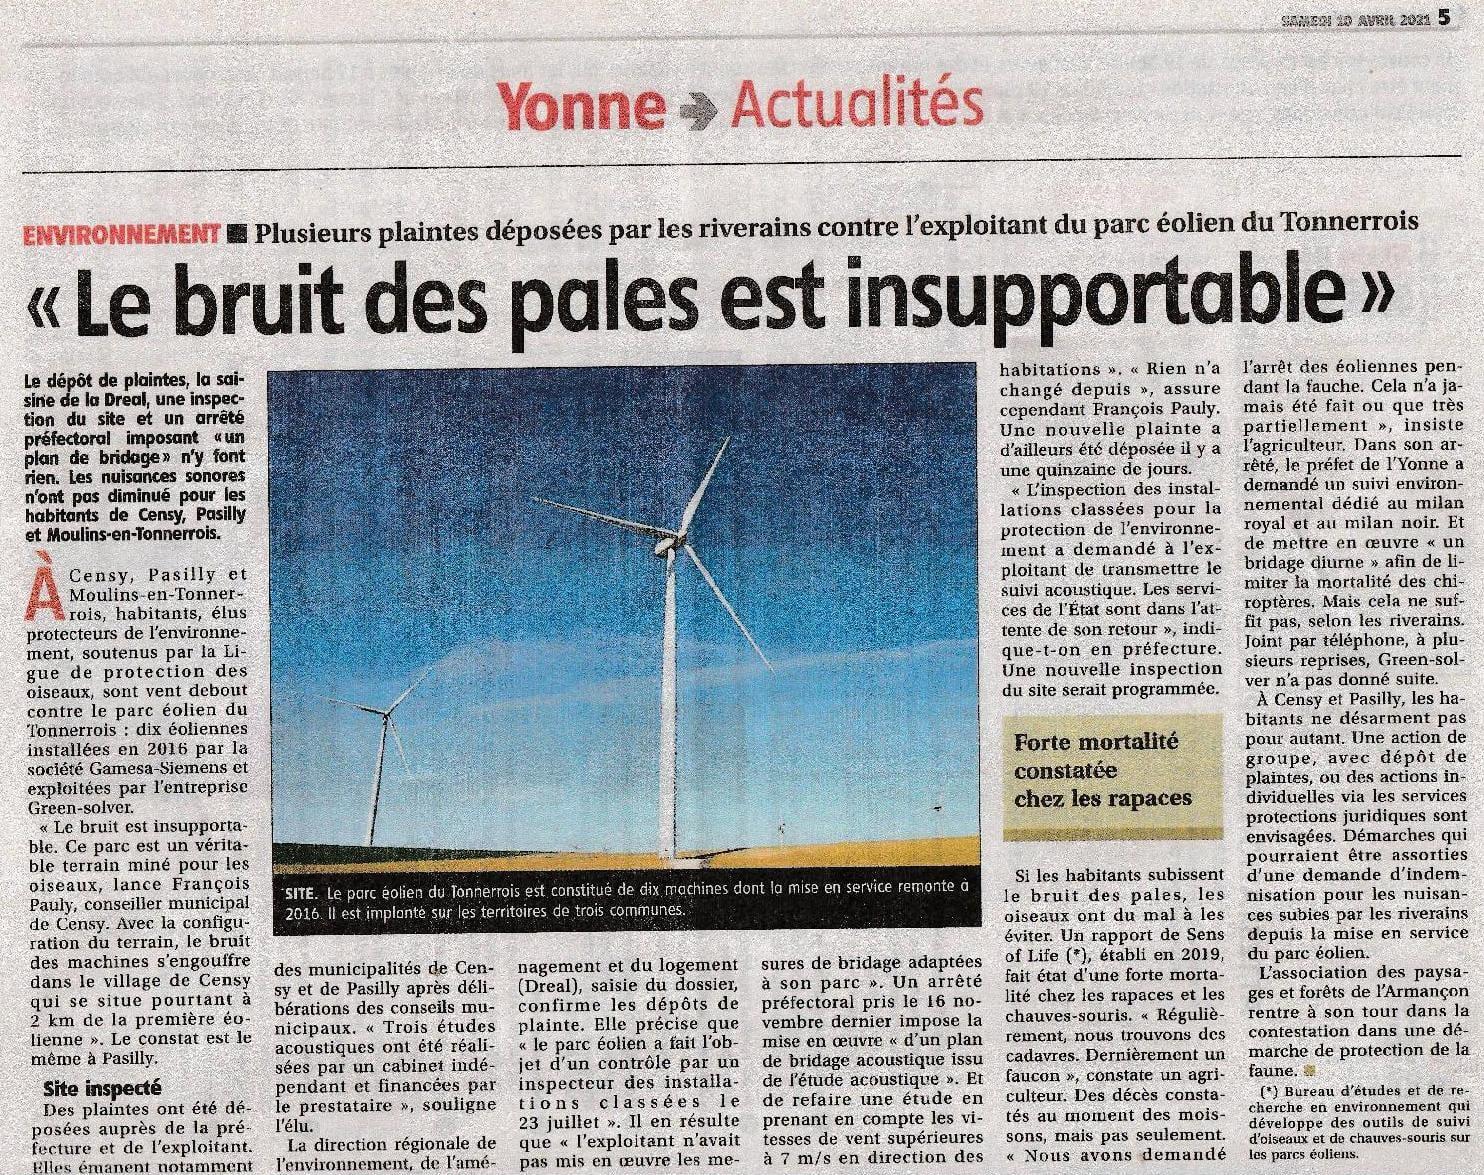 L'Yonne Républicaine - 10/04/2021 : Plaintes des riverains du parc éolien du Tonnerrois